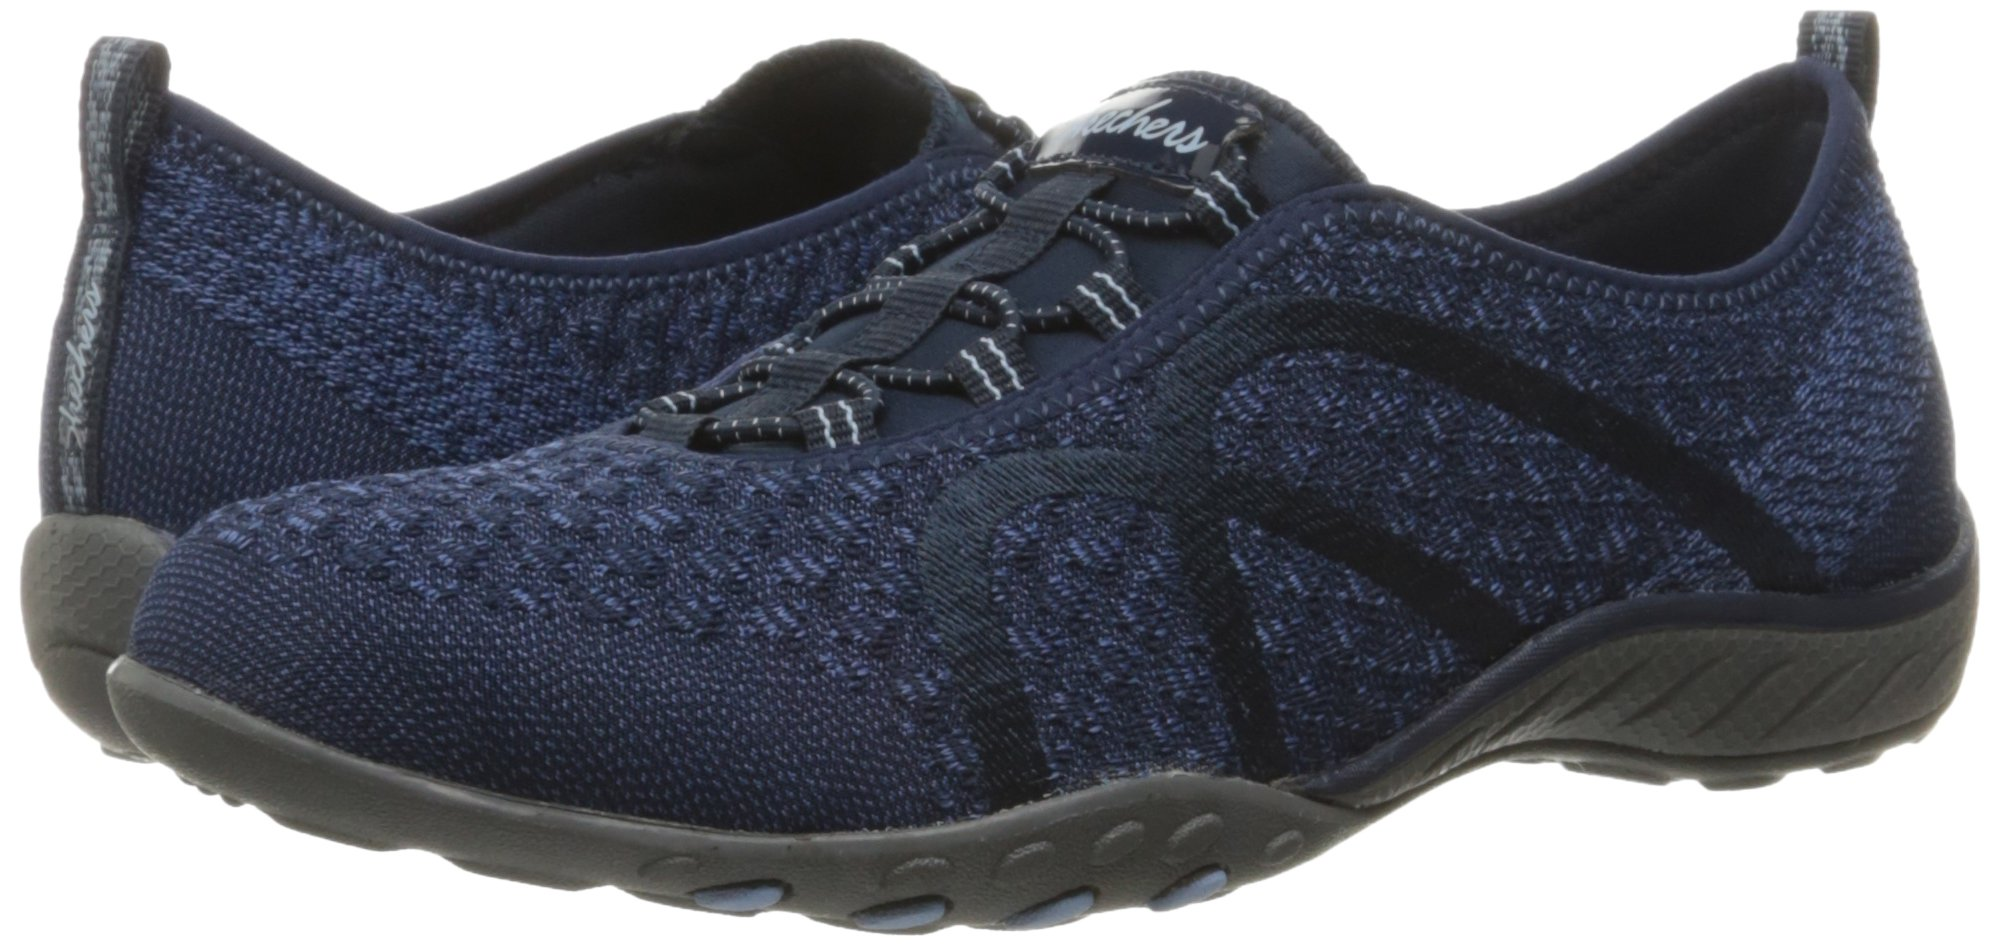 Skechers Sport Women's Breathe Easy Fortune Fashion Sneaker,Navy Knit,5.5 M US by Skechers (Image #6)